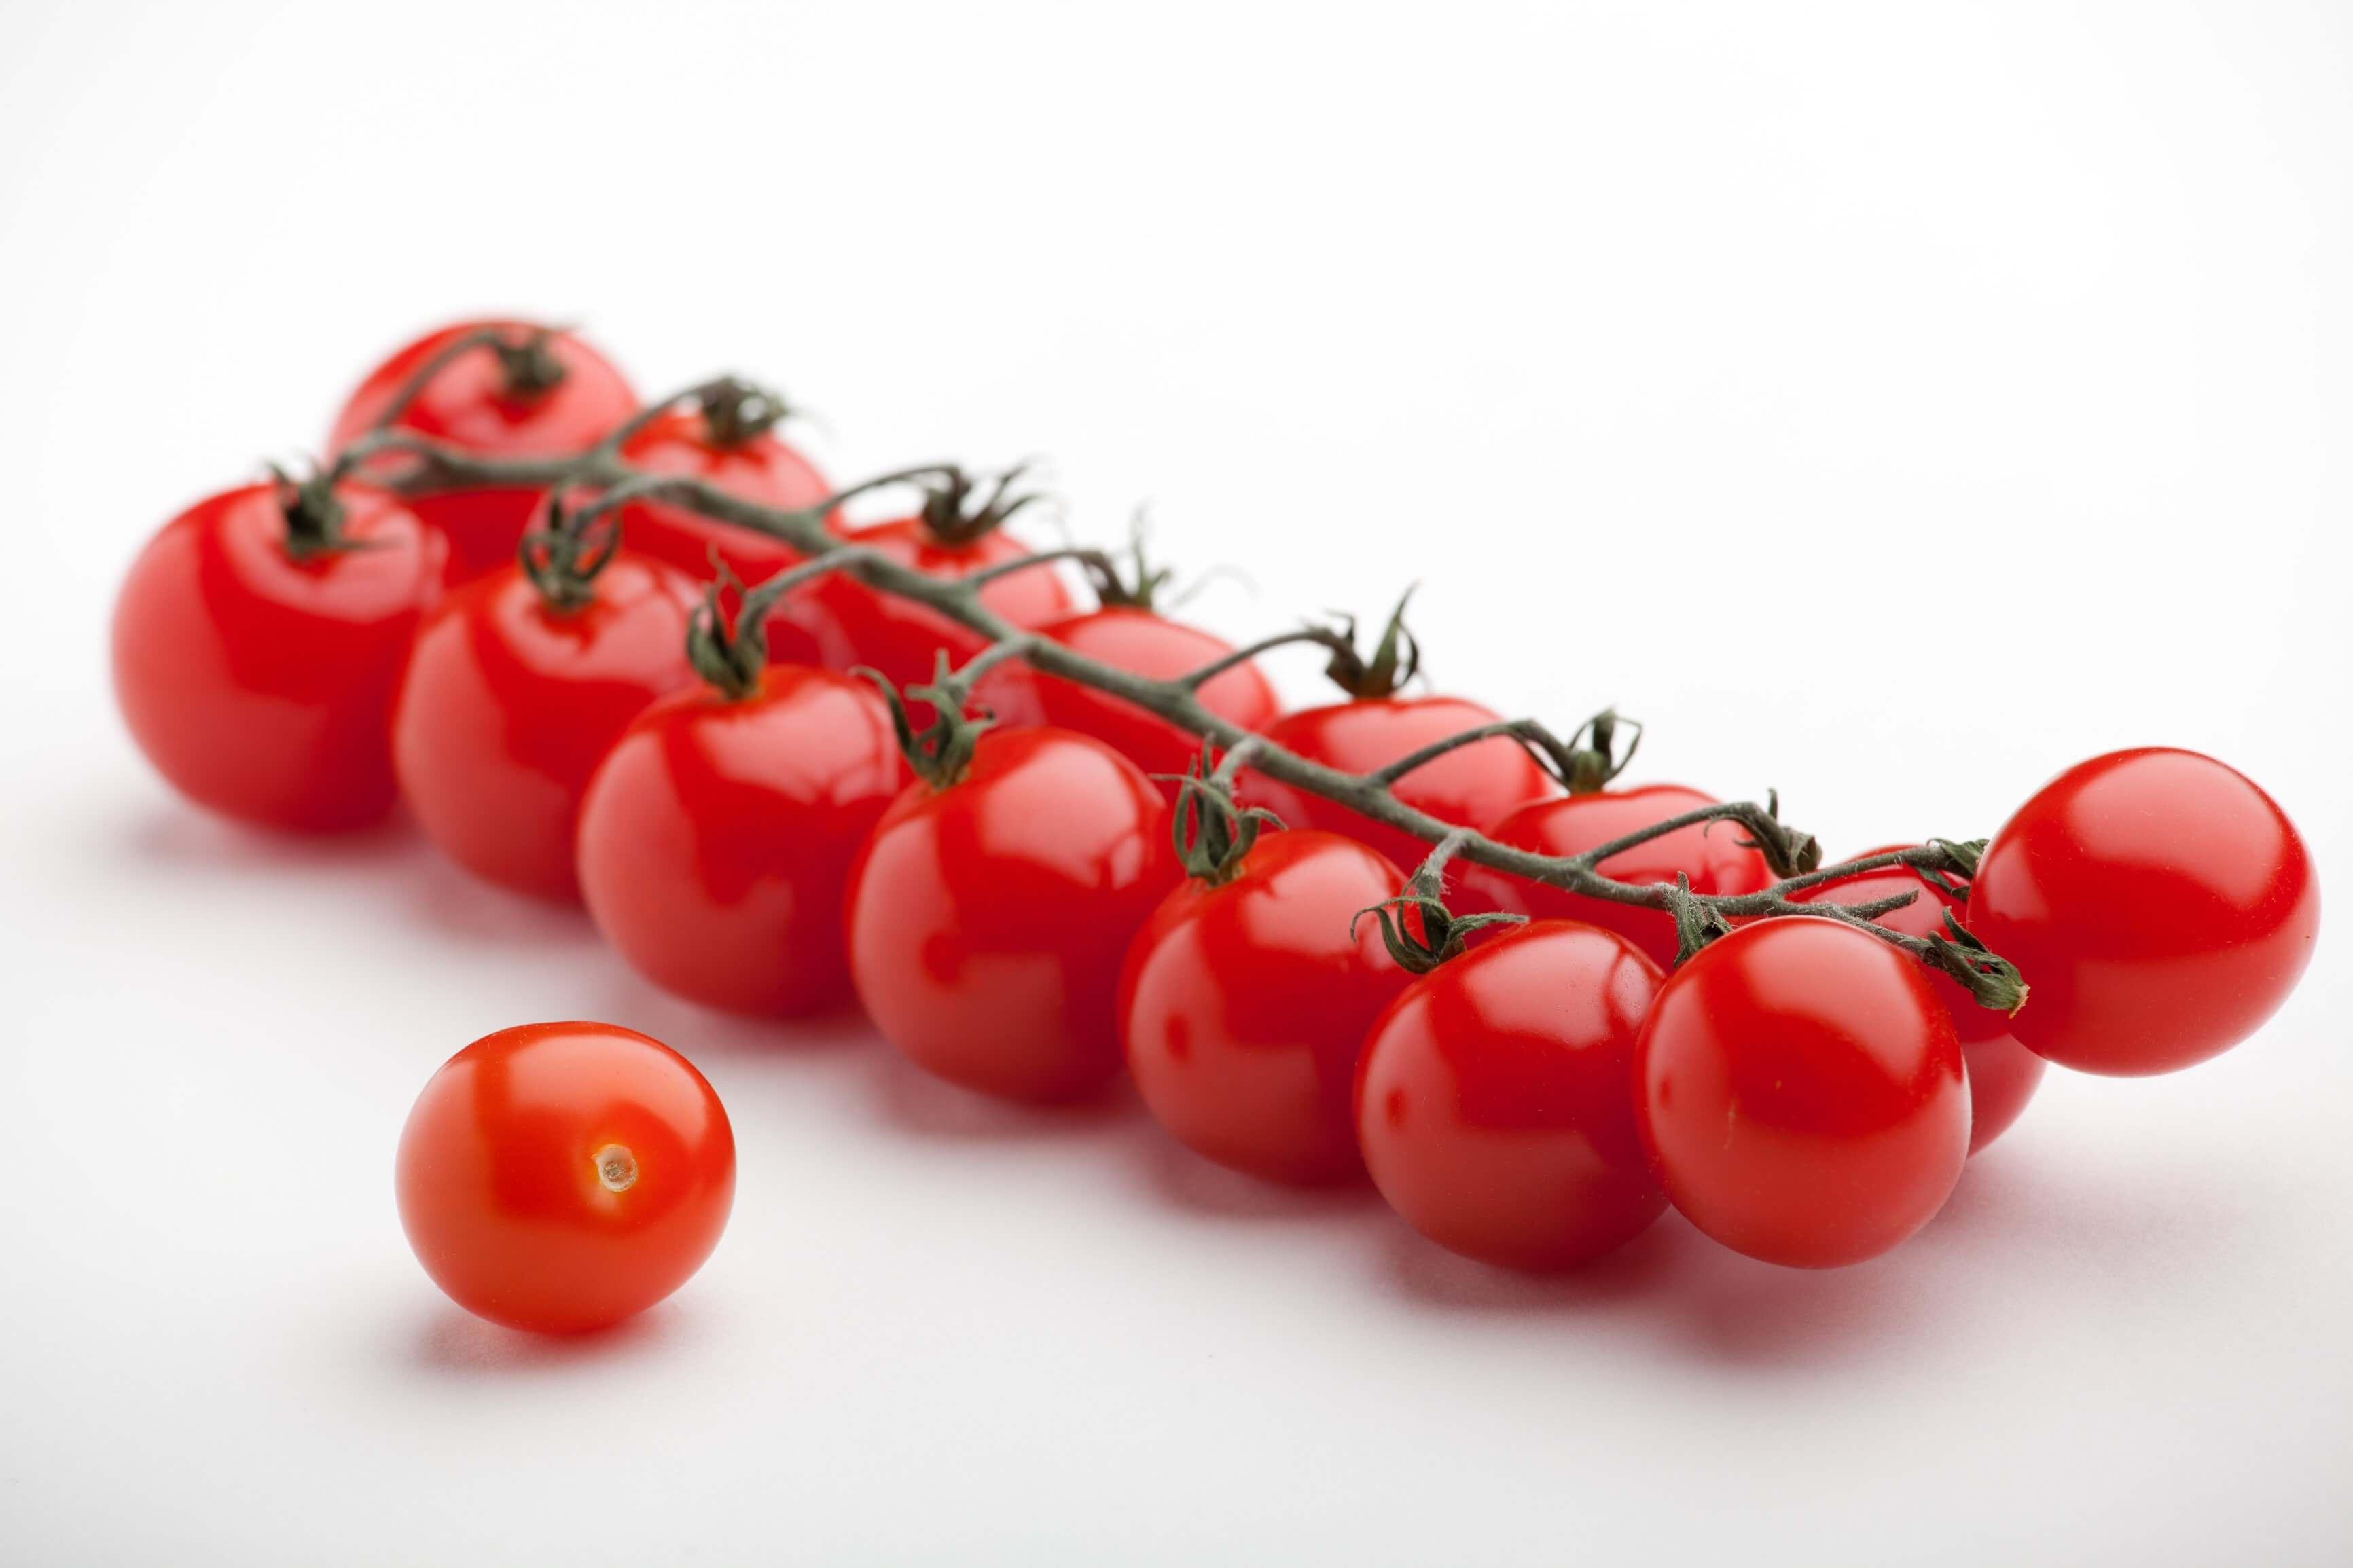 Aynı tür bitkinin iki farklı çeşidinin çaprazlanması sonucu elde edilen tohuma melez(hibrit) tohum denilir. Hibrit tohum daha sağlıklı, daha verimli ve daha kaliteli ürün elde etmek için yapılır.